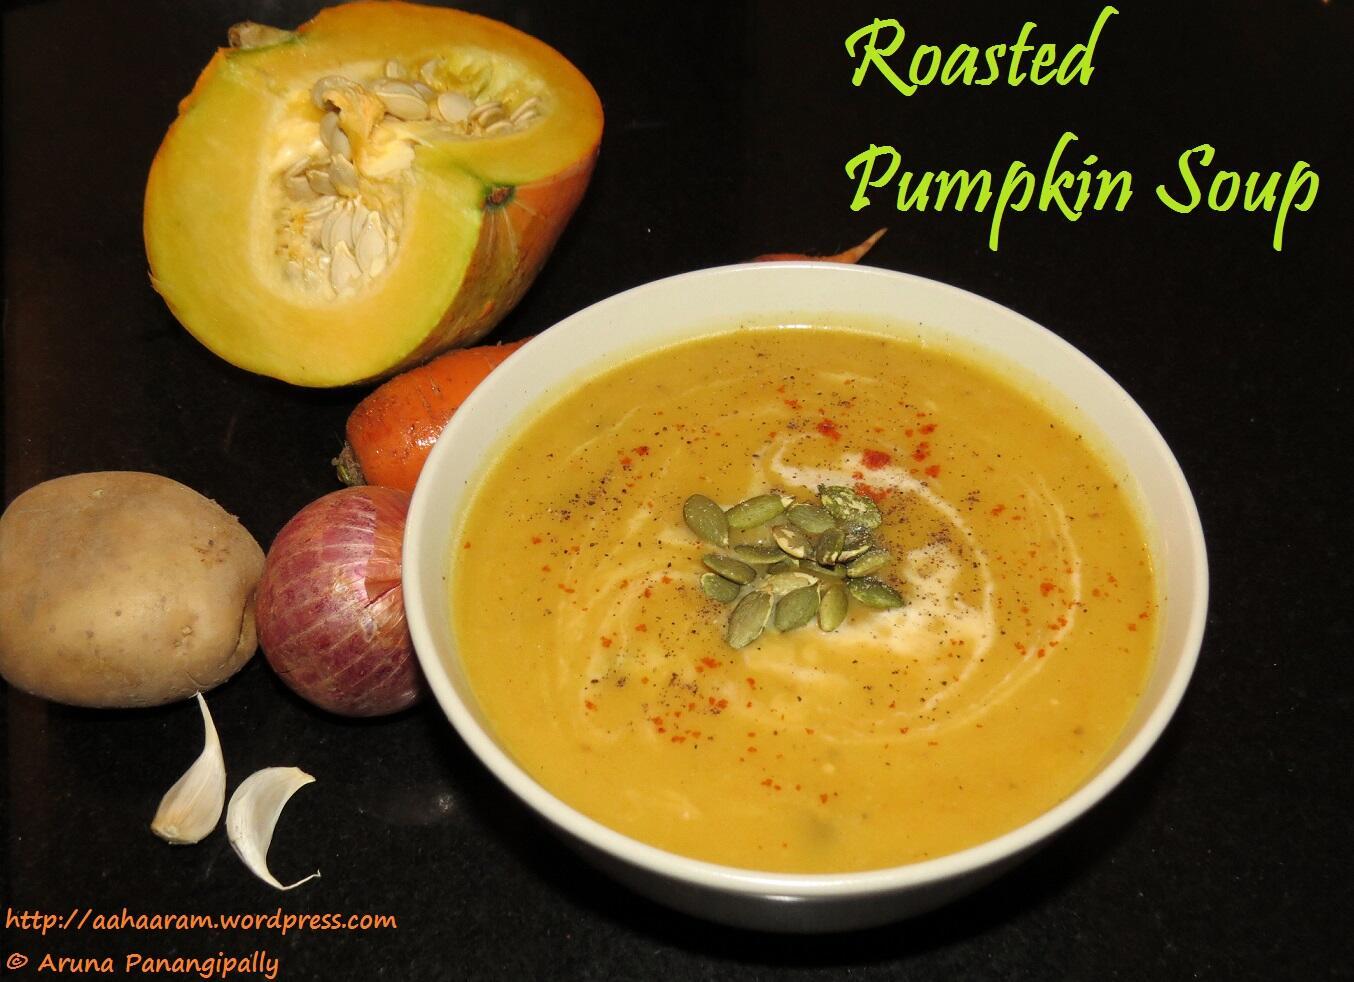 Roasted Pumpkin Soup - ãhãram